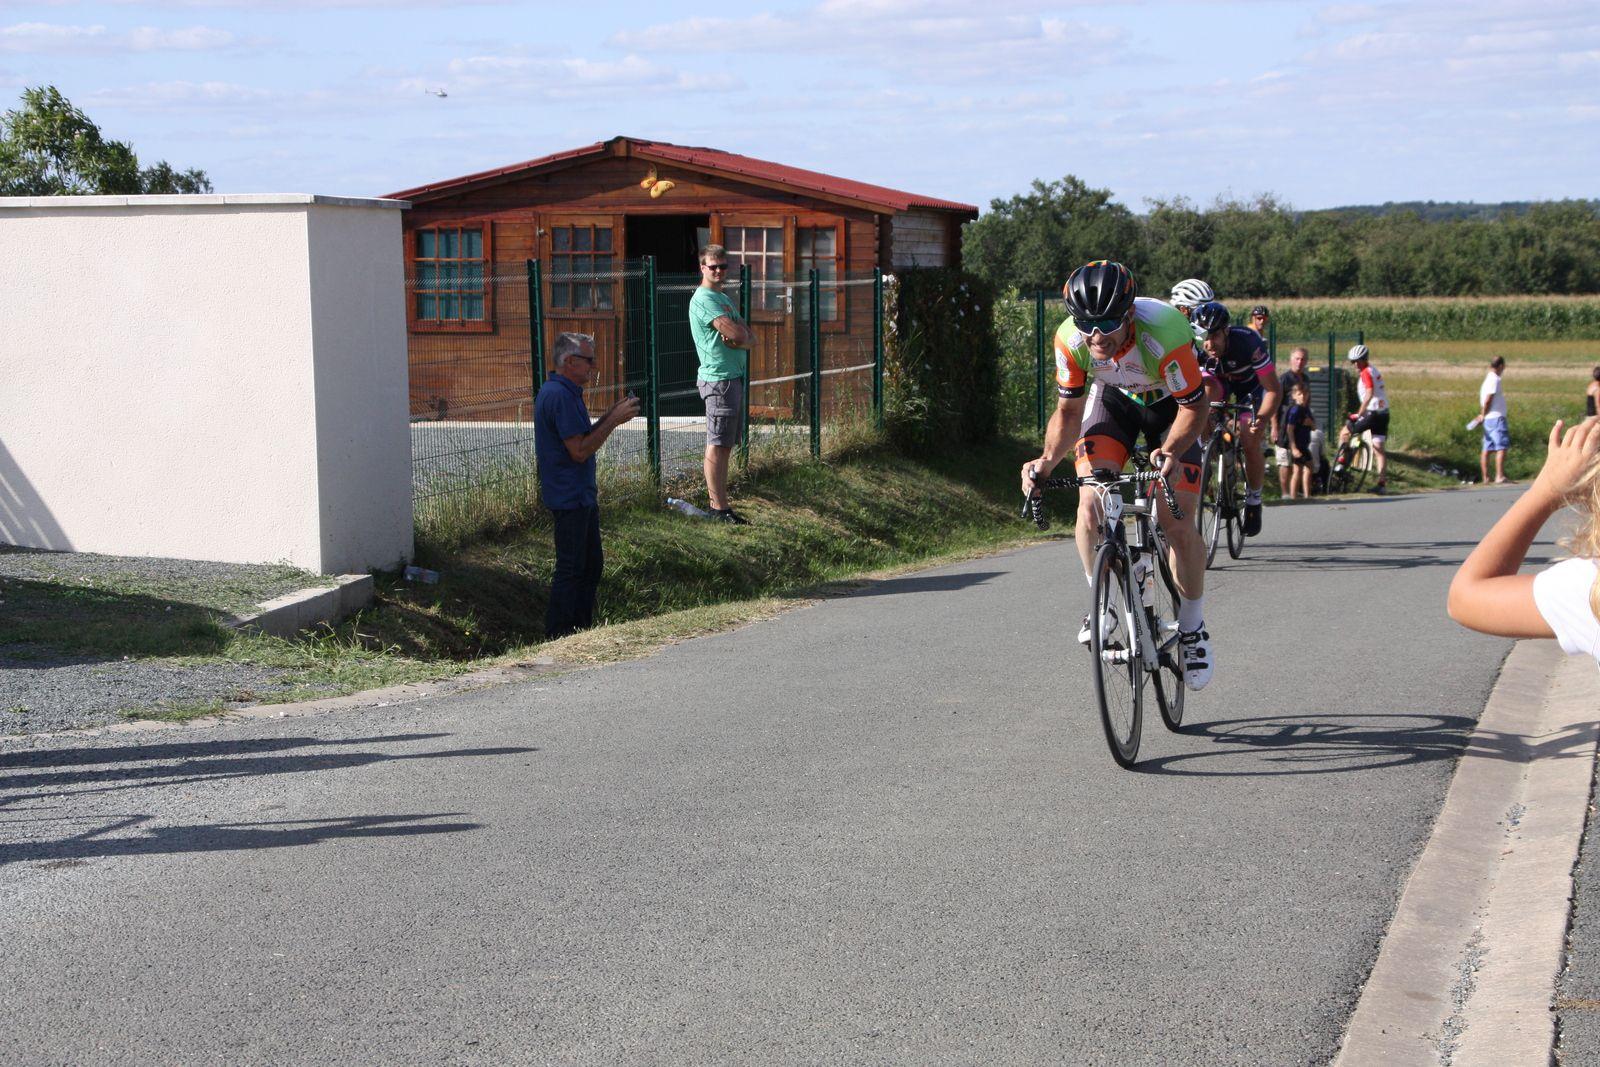 L'arrivée  et  la  victoire  pour  Jérôme  PELAUD (VC  Corme-Royal)